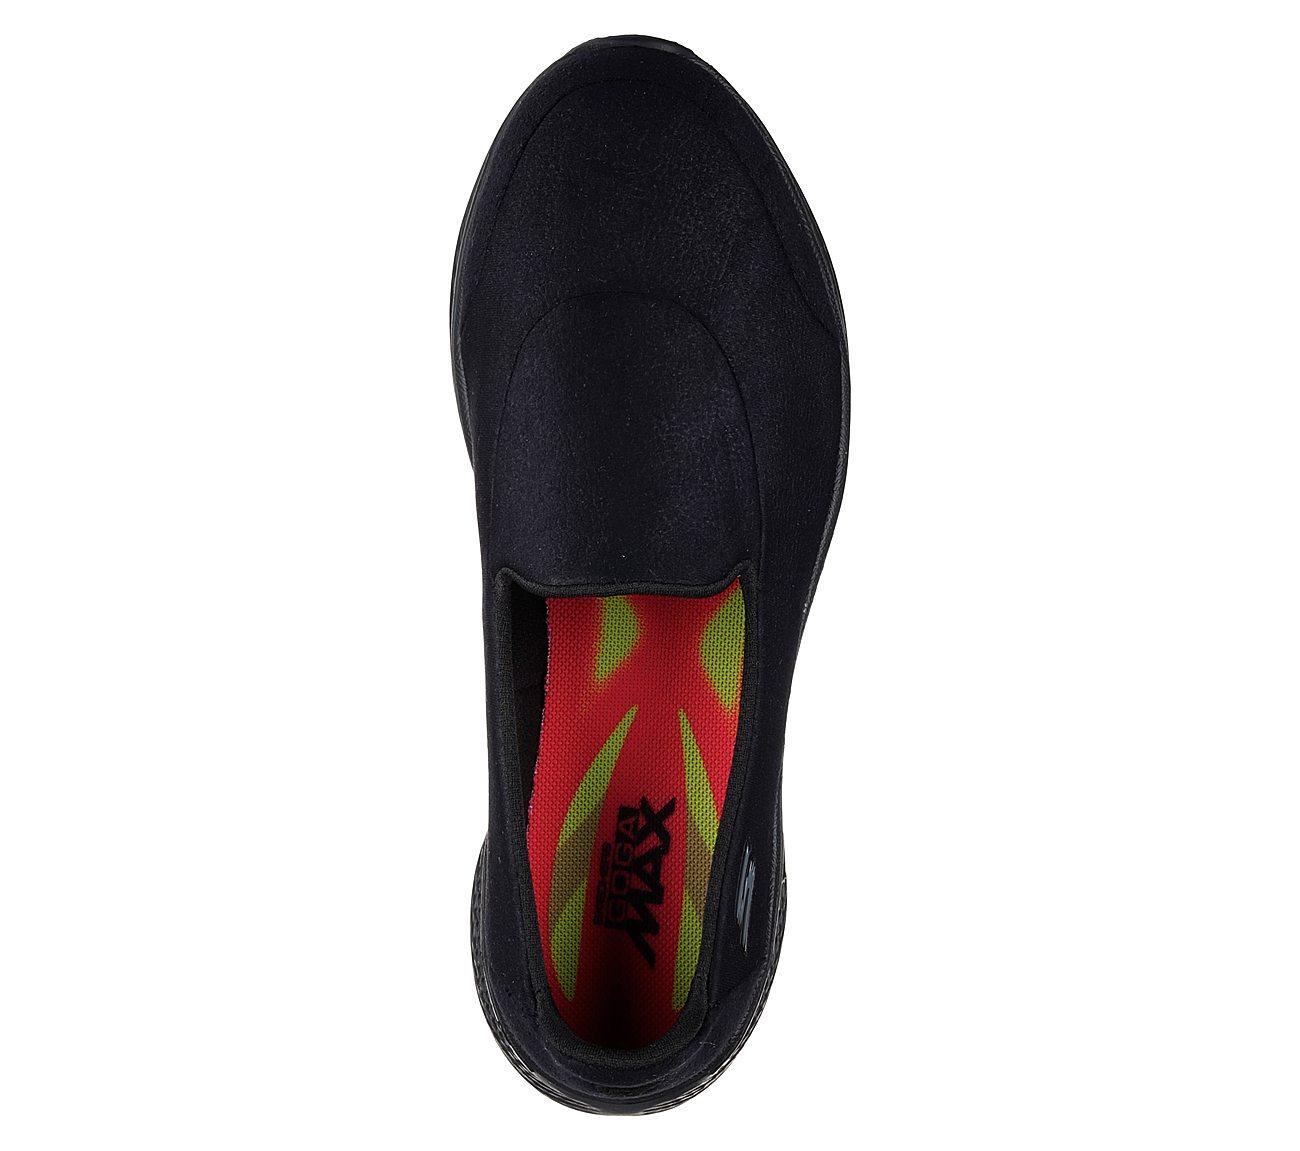 1a04cc4154ff Buy SKECHERS Skechers GOwalk 4 - Inspire Skechers Performance Shoes ...